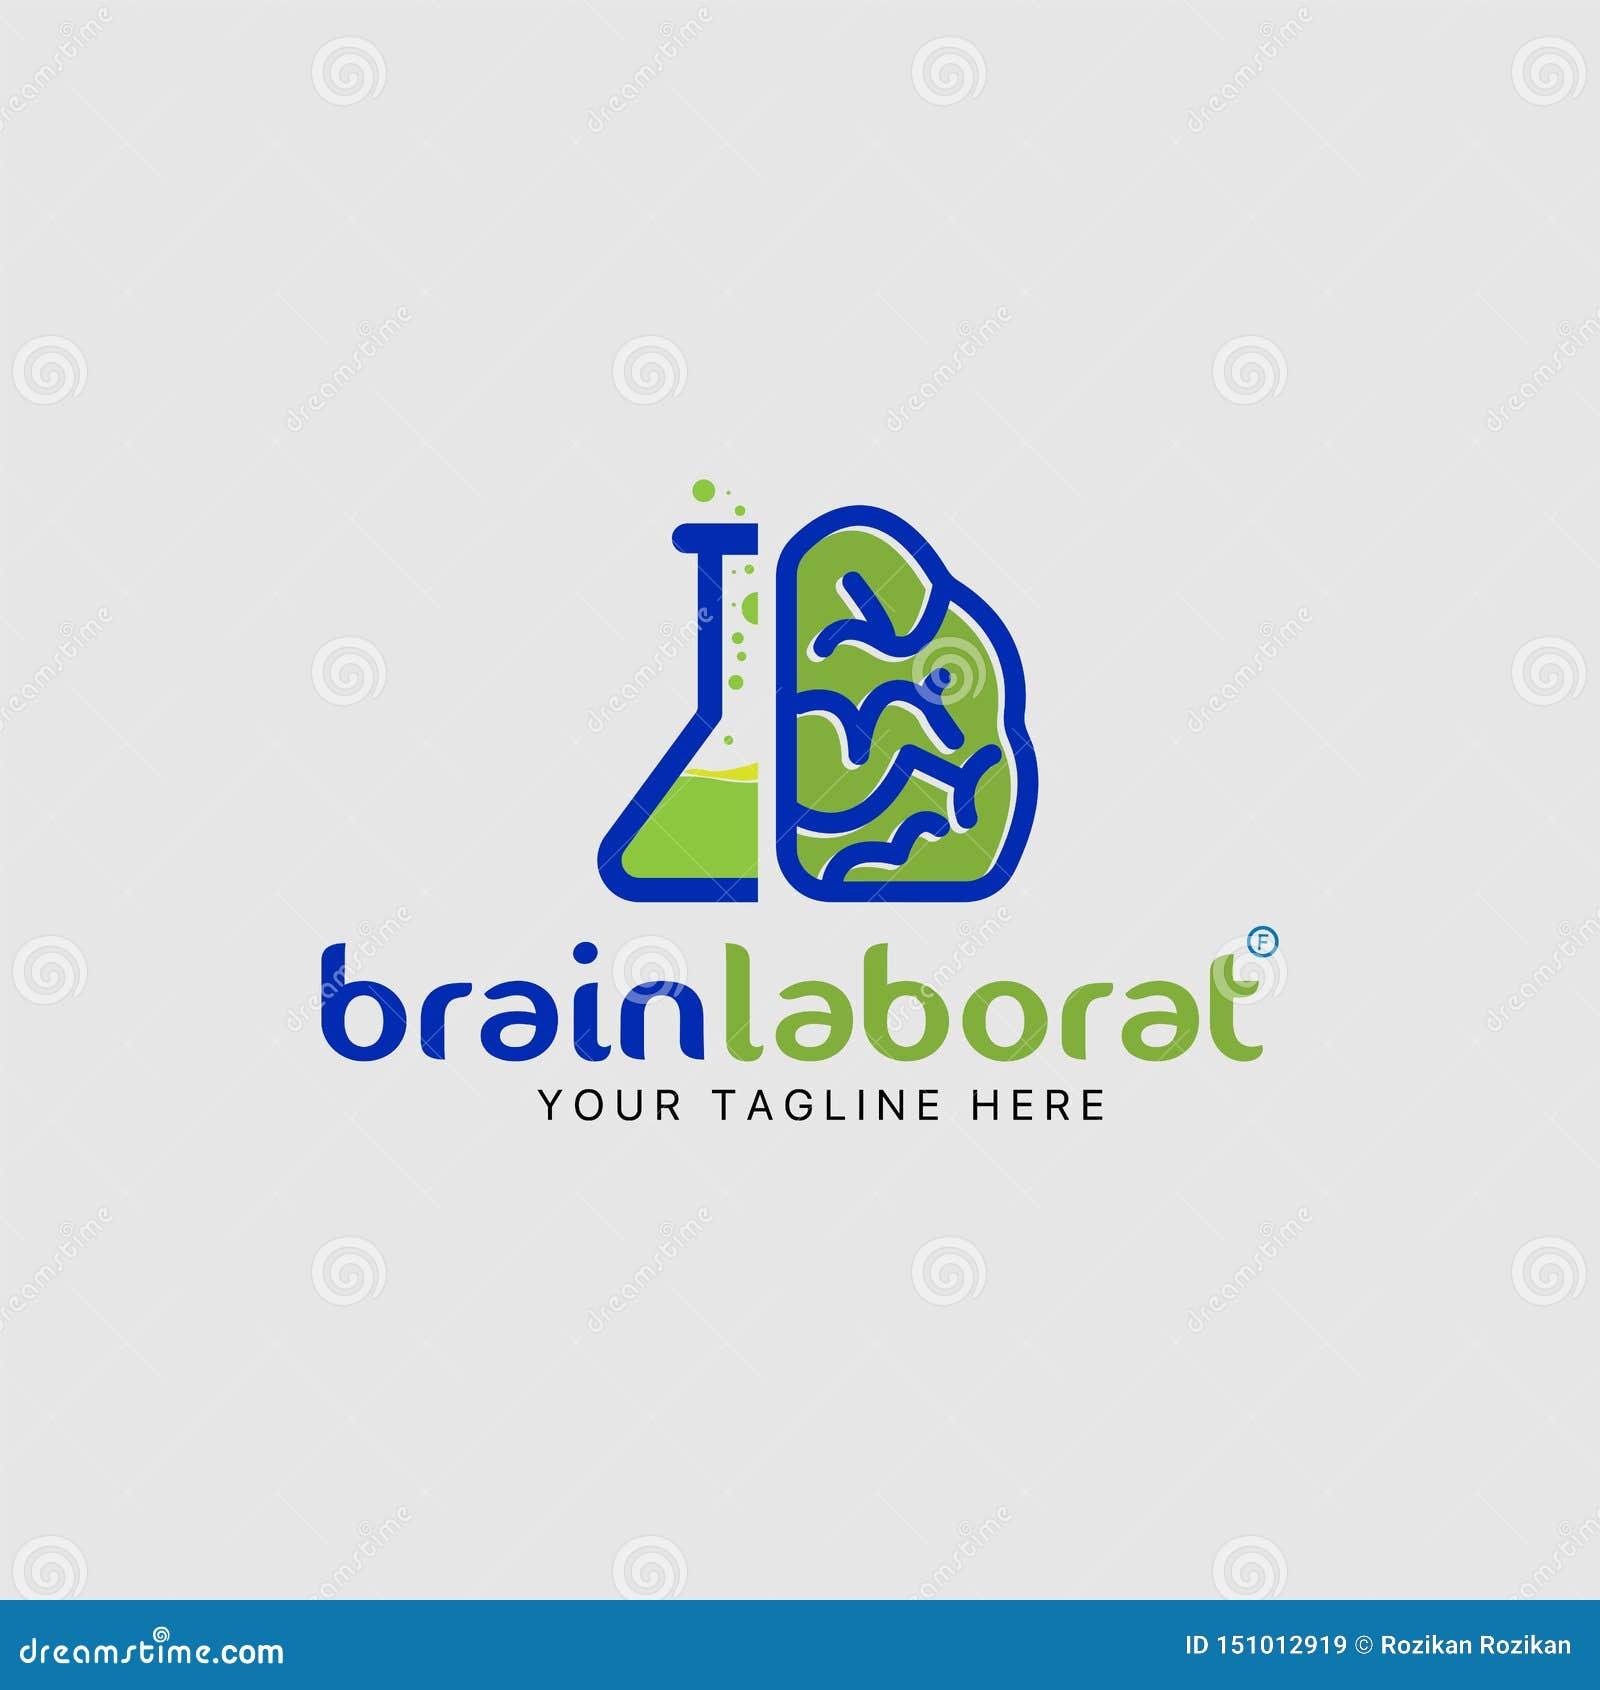 Brain laboratory logo design template combination icon